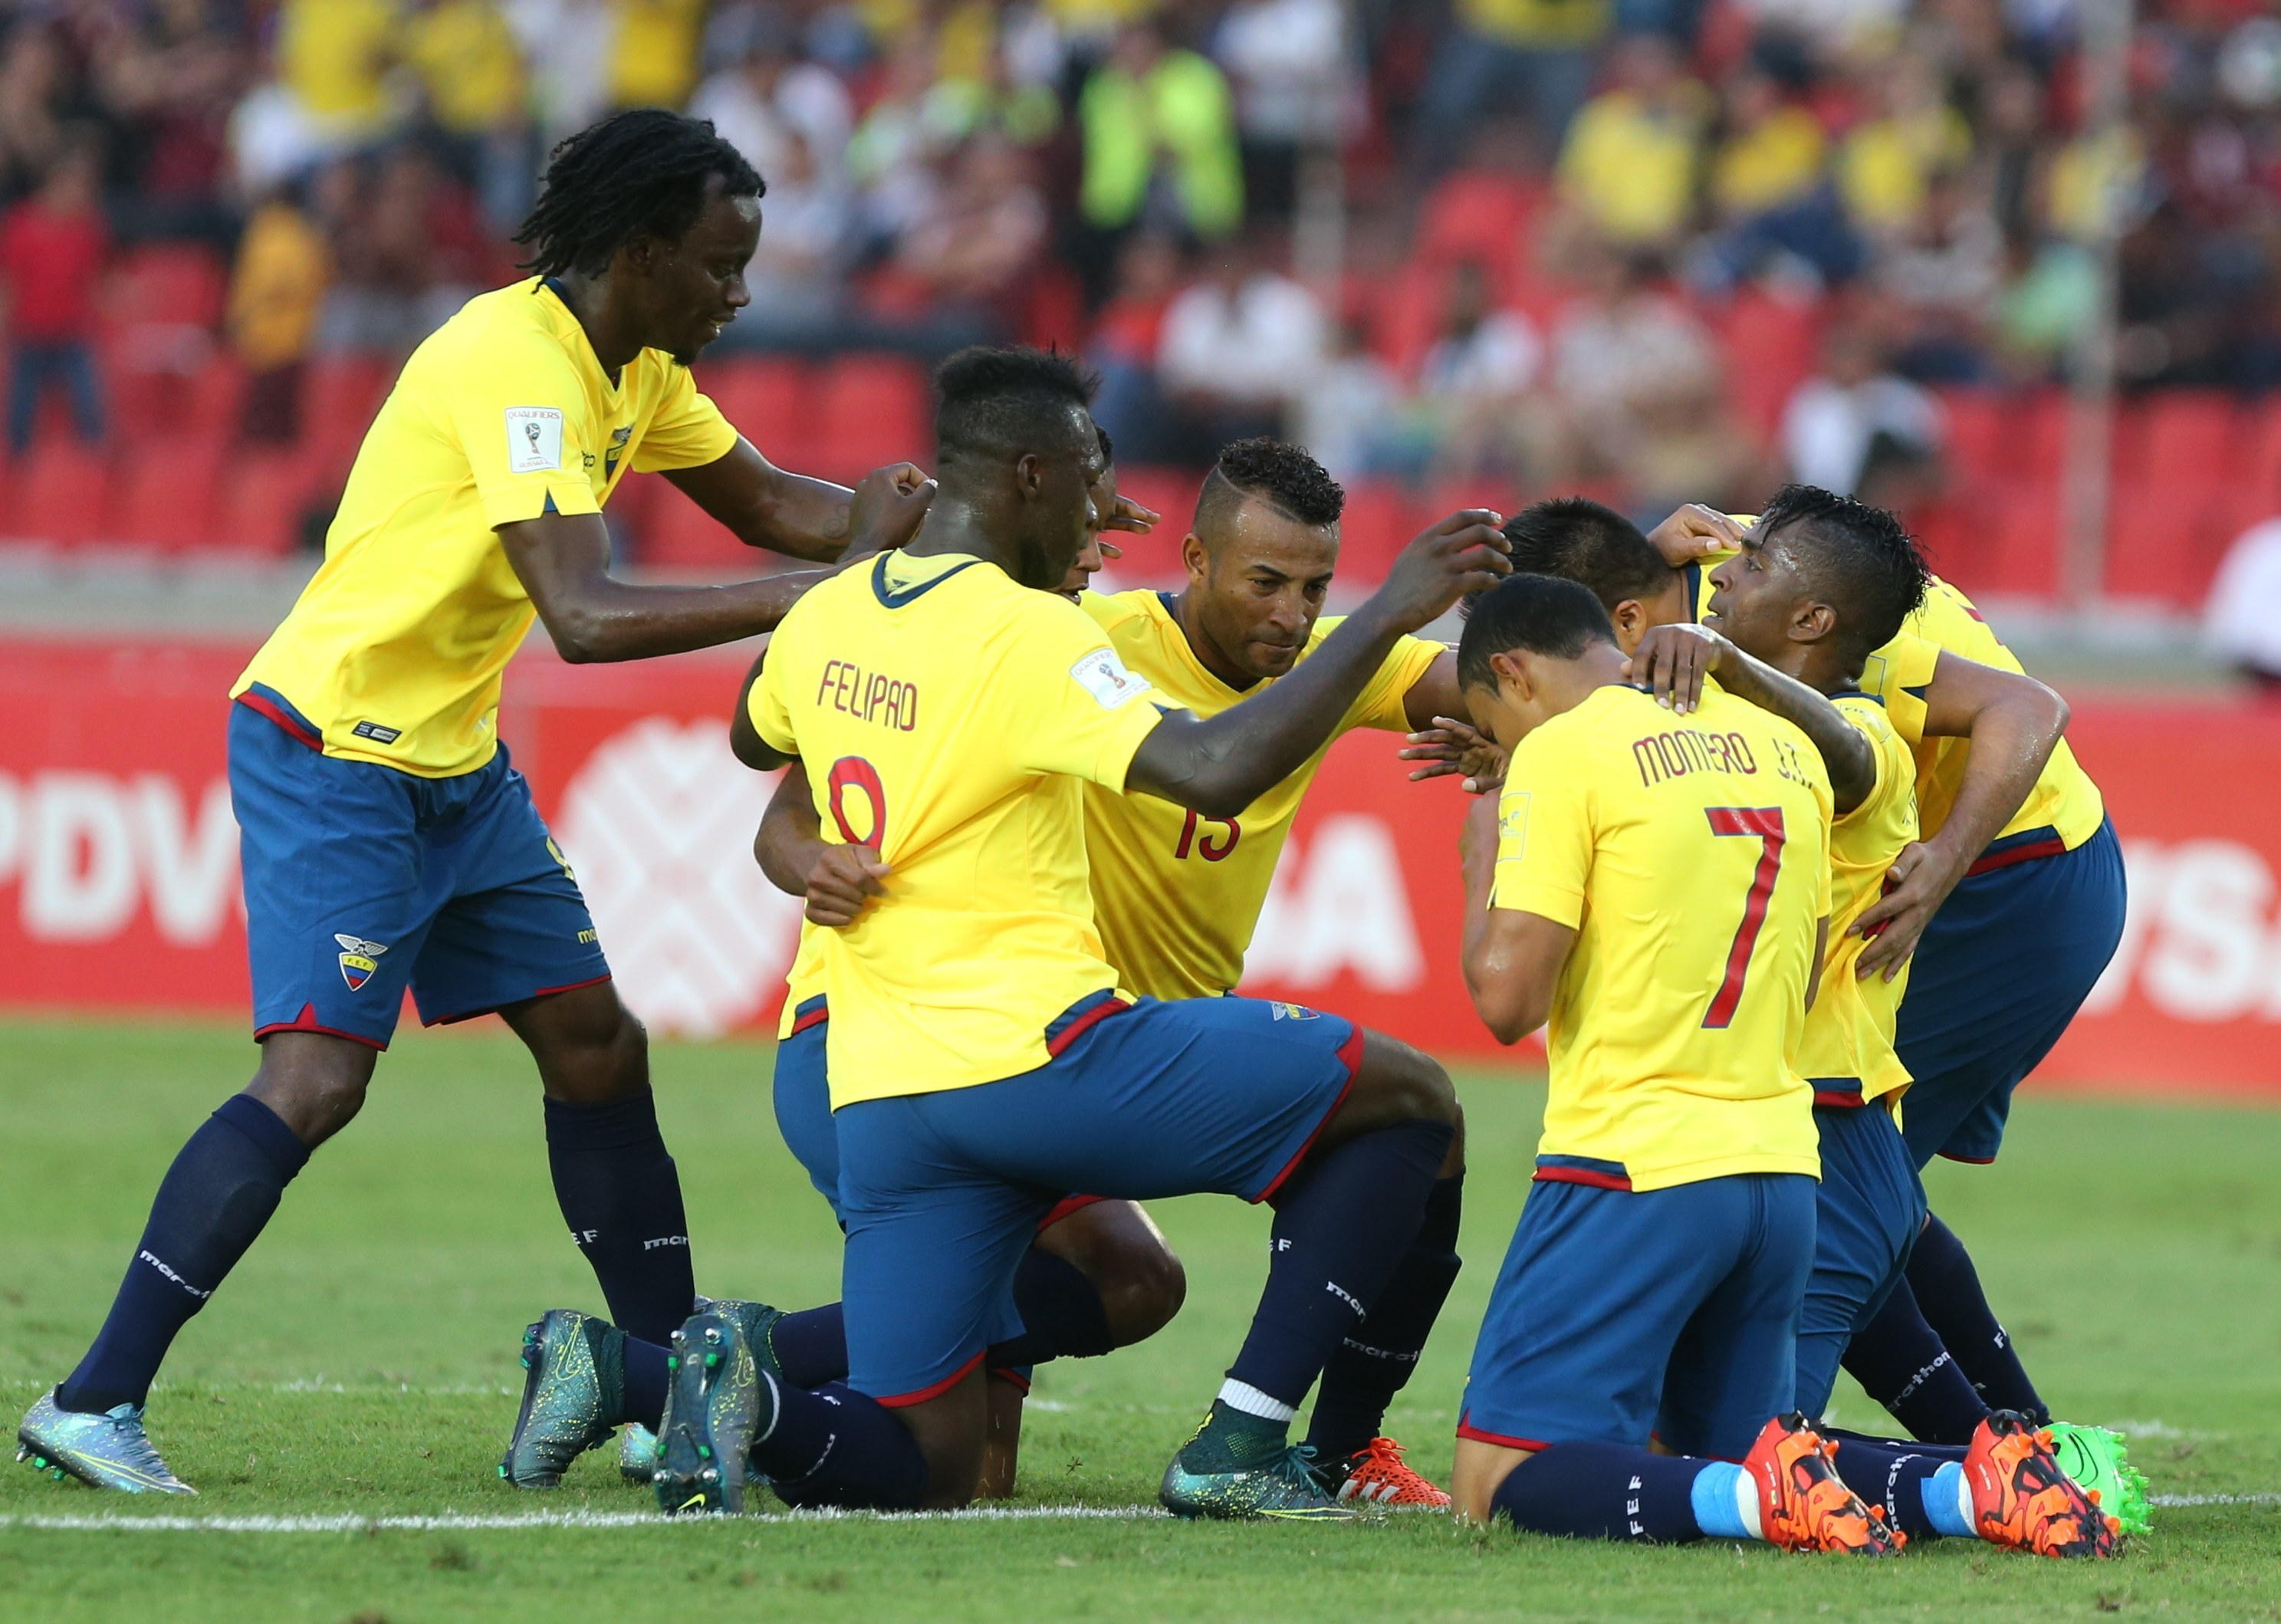 Resultado de imagen para Ecuador venezuela 2016